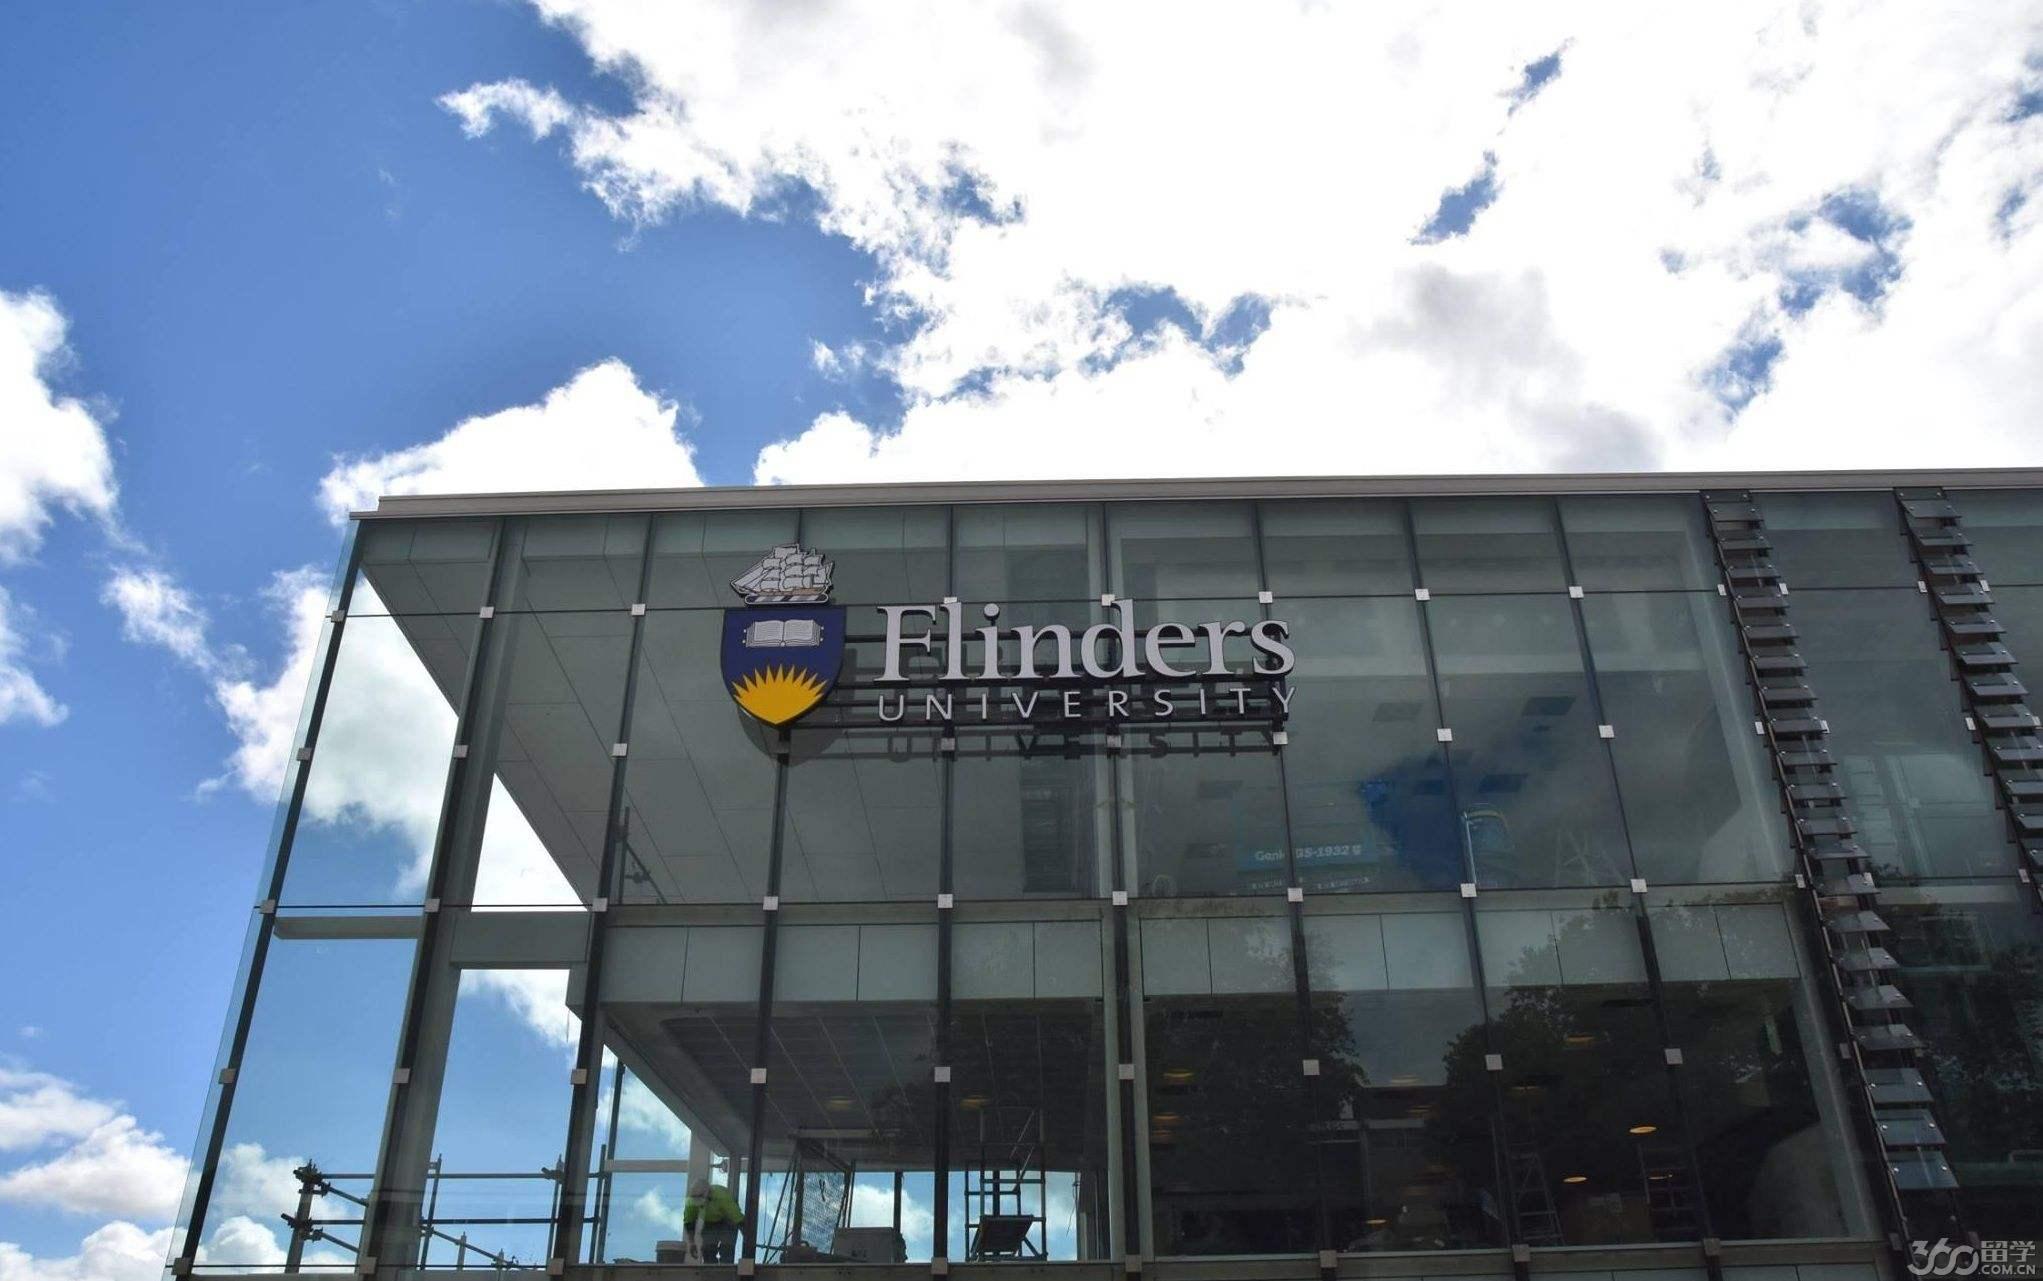 澳洲弗林德斯大学都开设了哪些教育类专业?申请条件是多少?